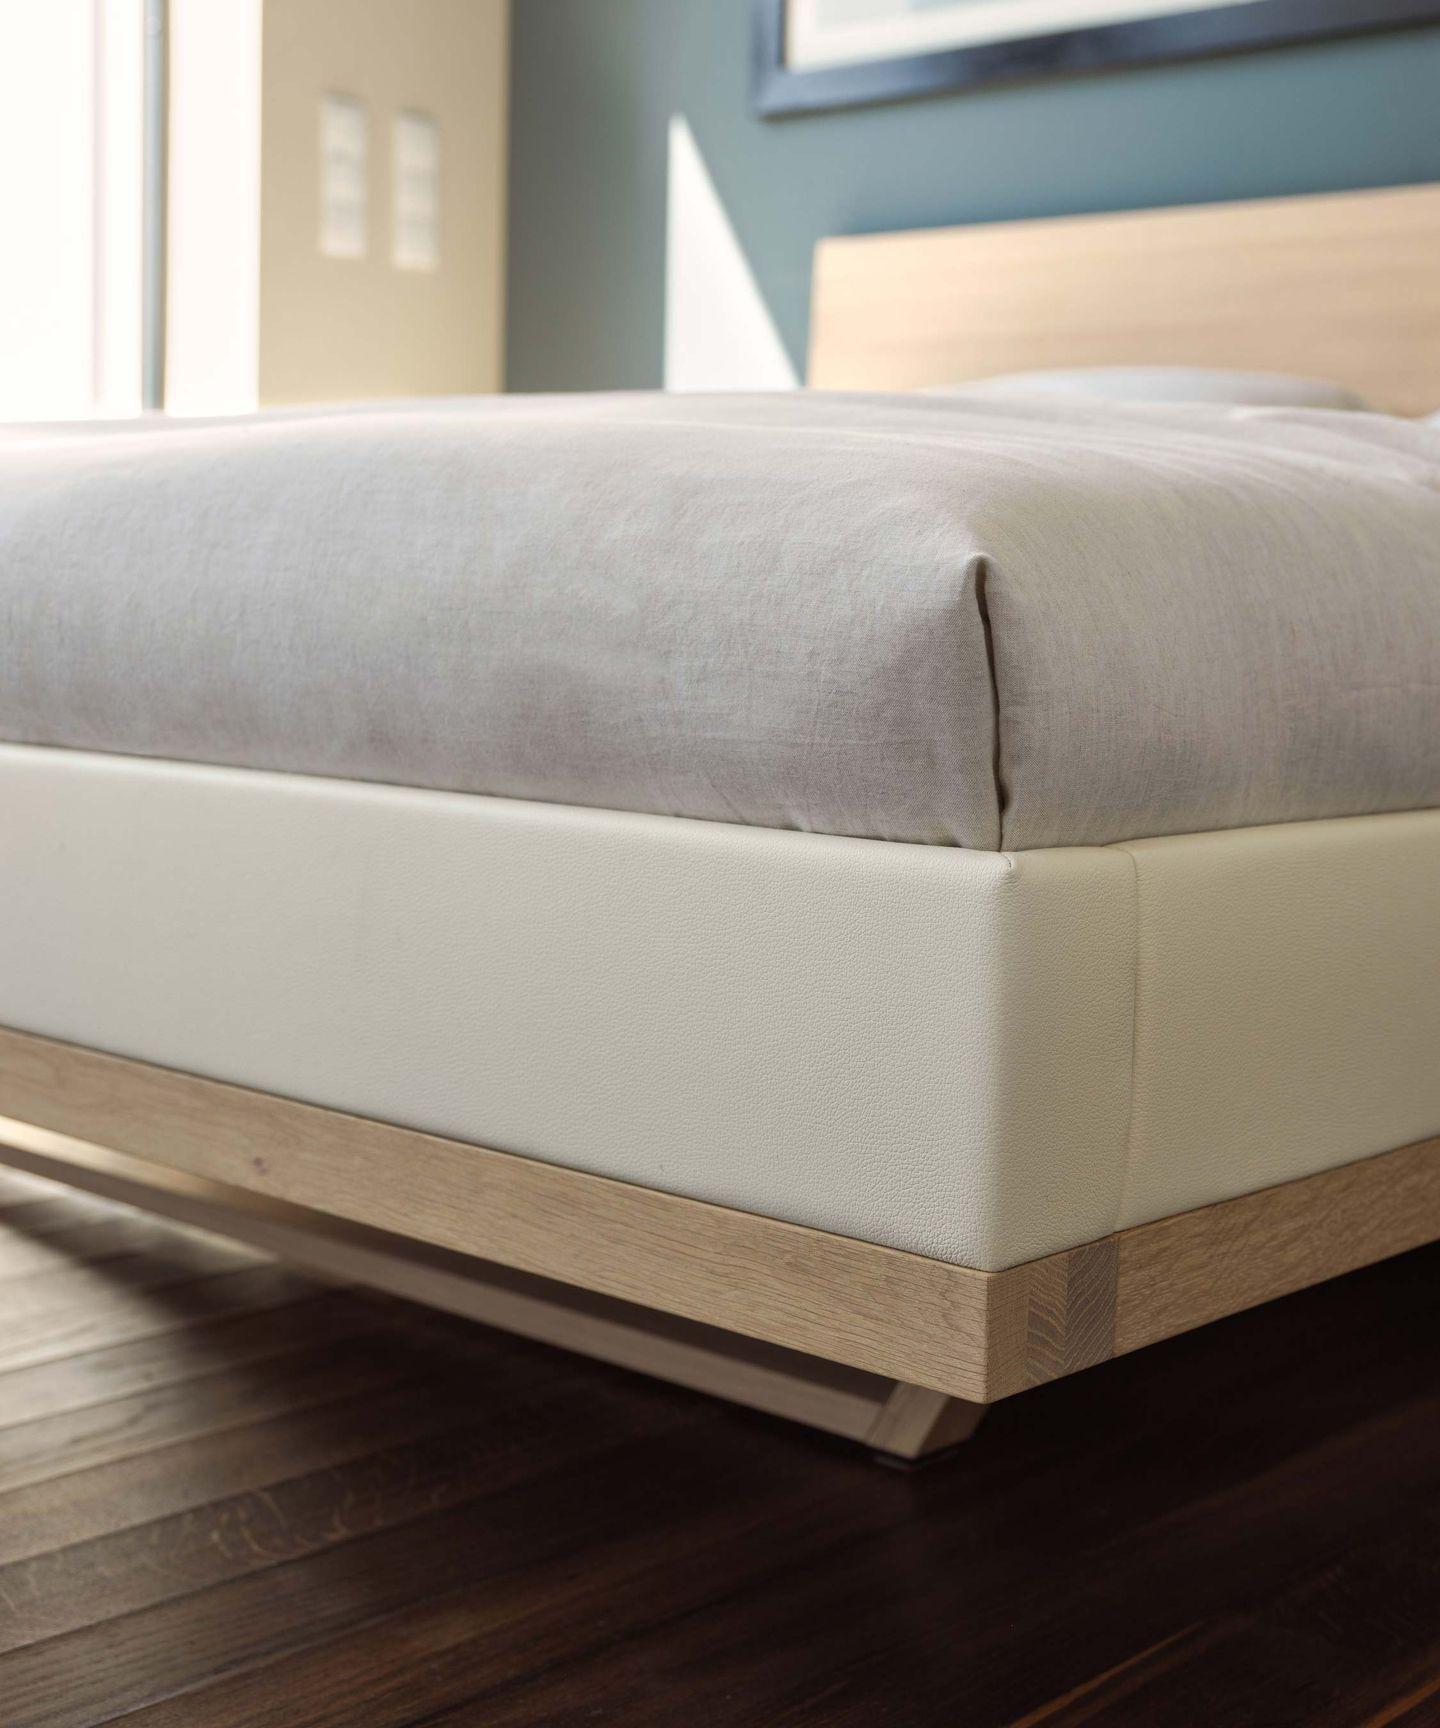 Кровать riletto из натурального дерева с кожаными боковинами